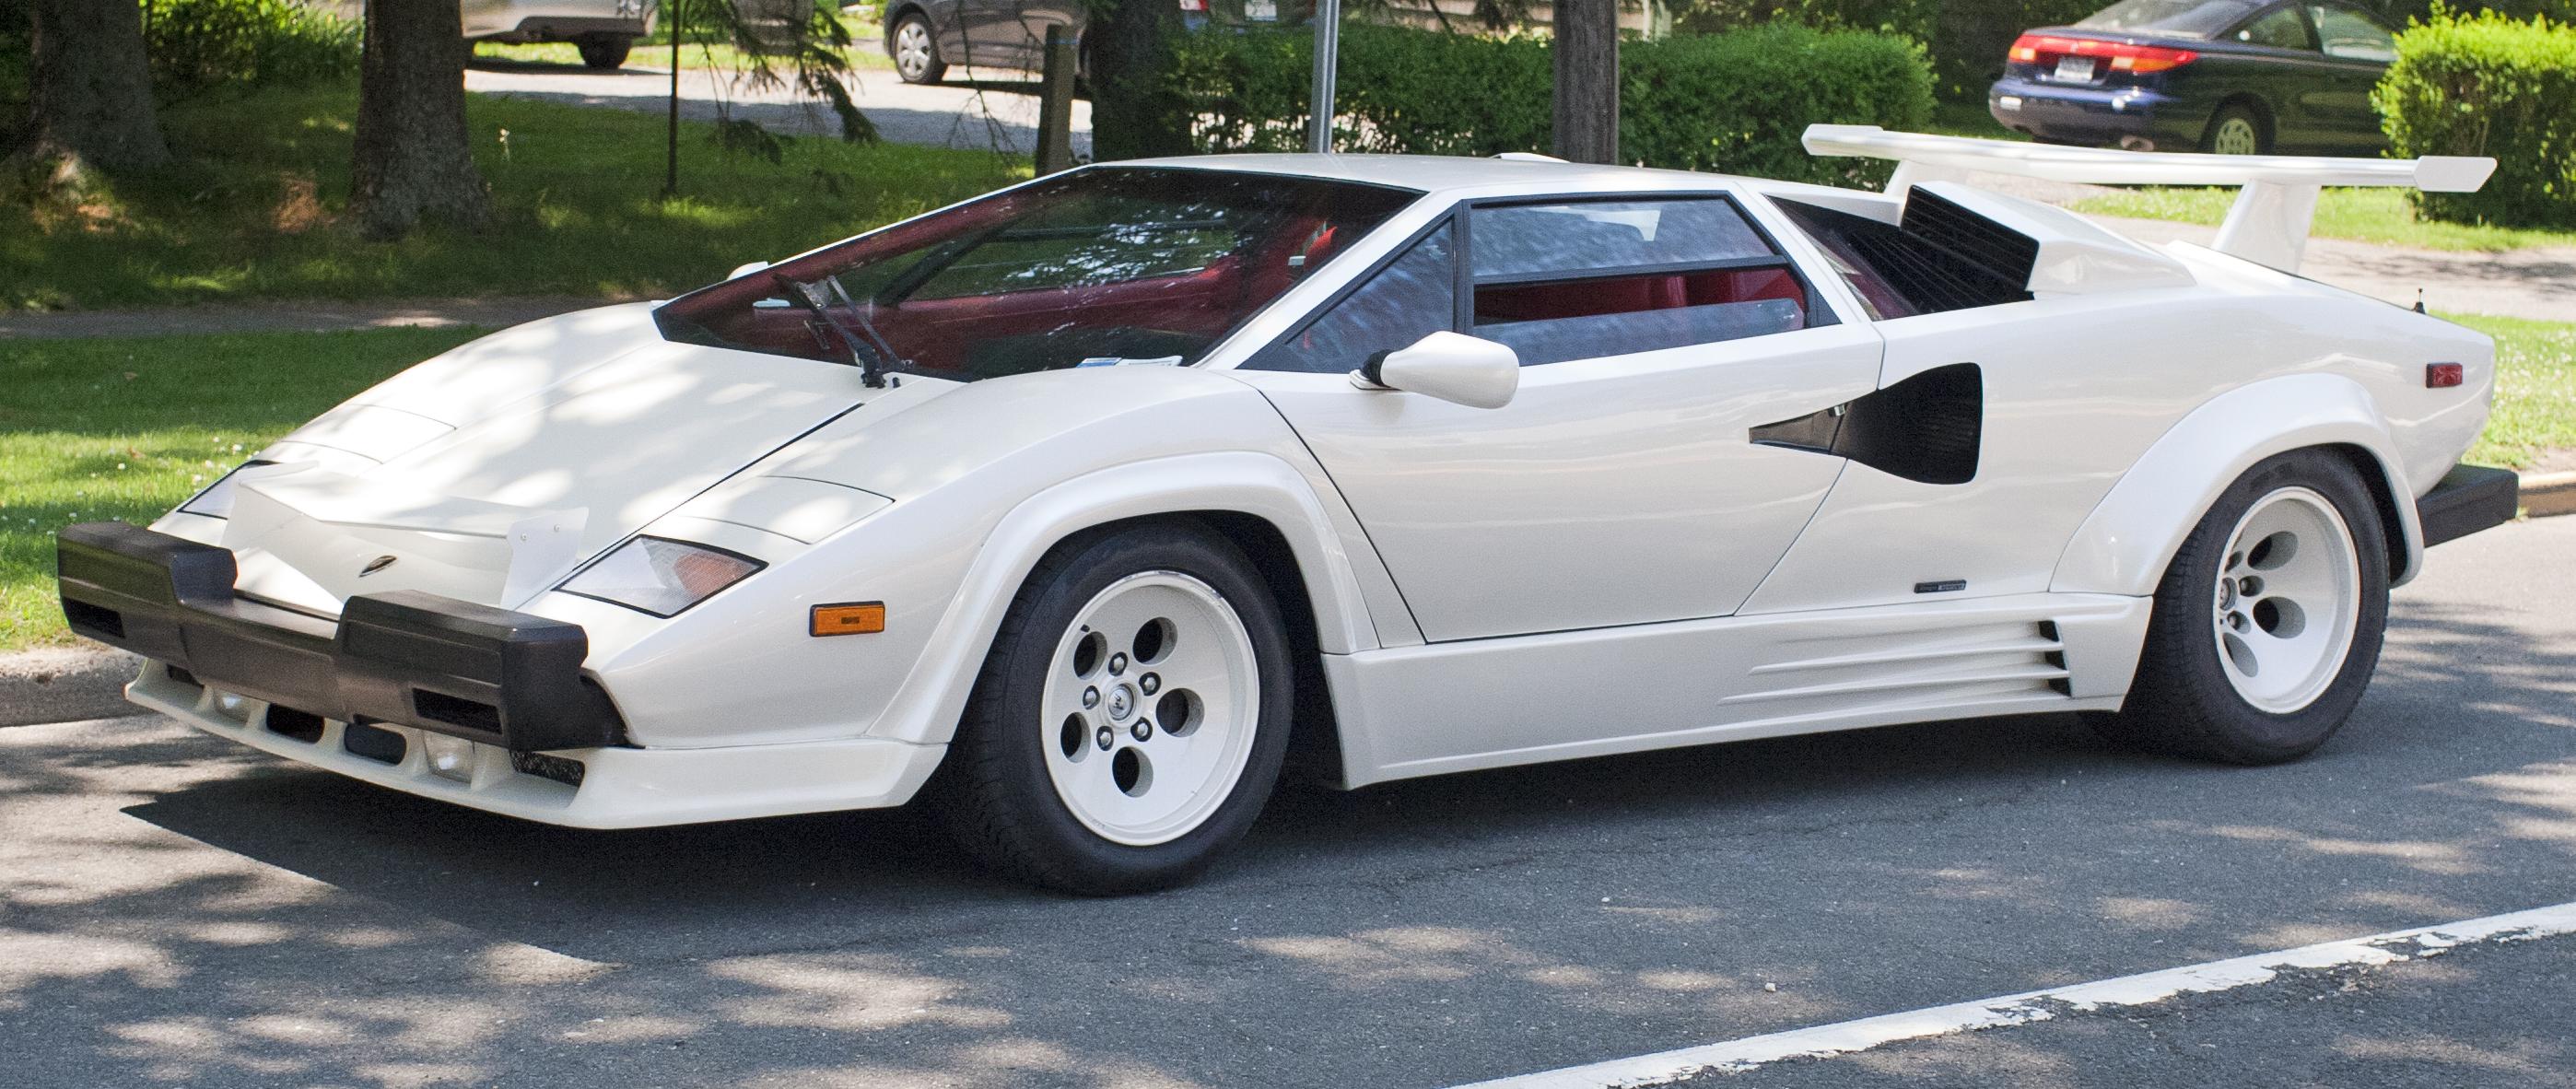 1987 Lamborghini Diablo